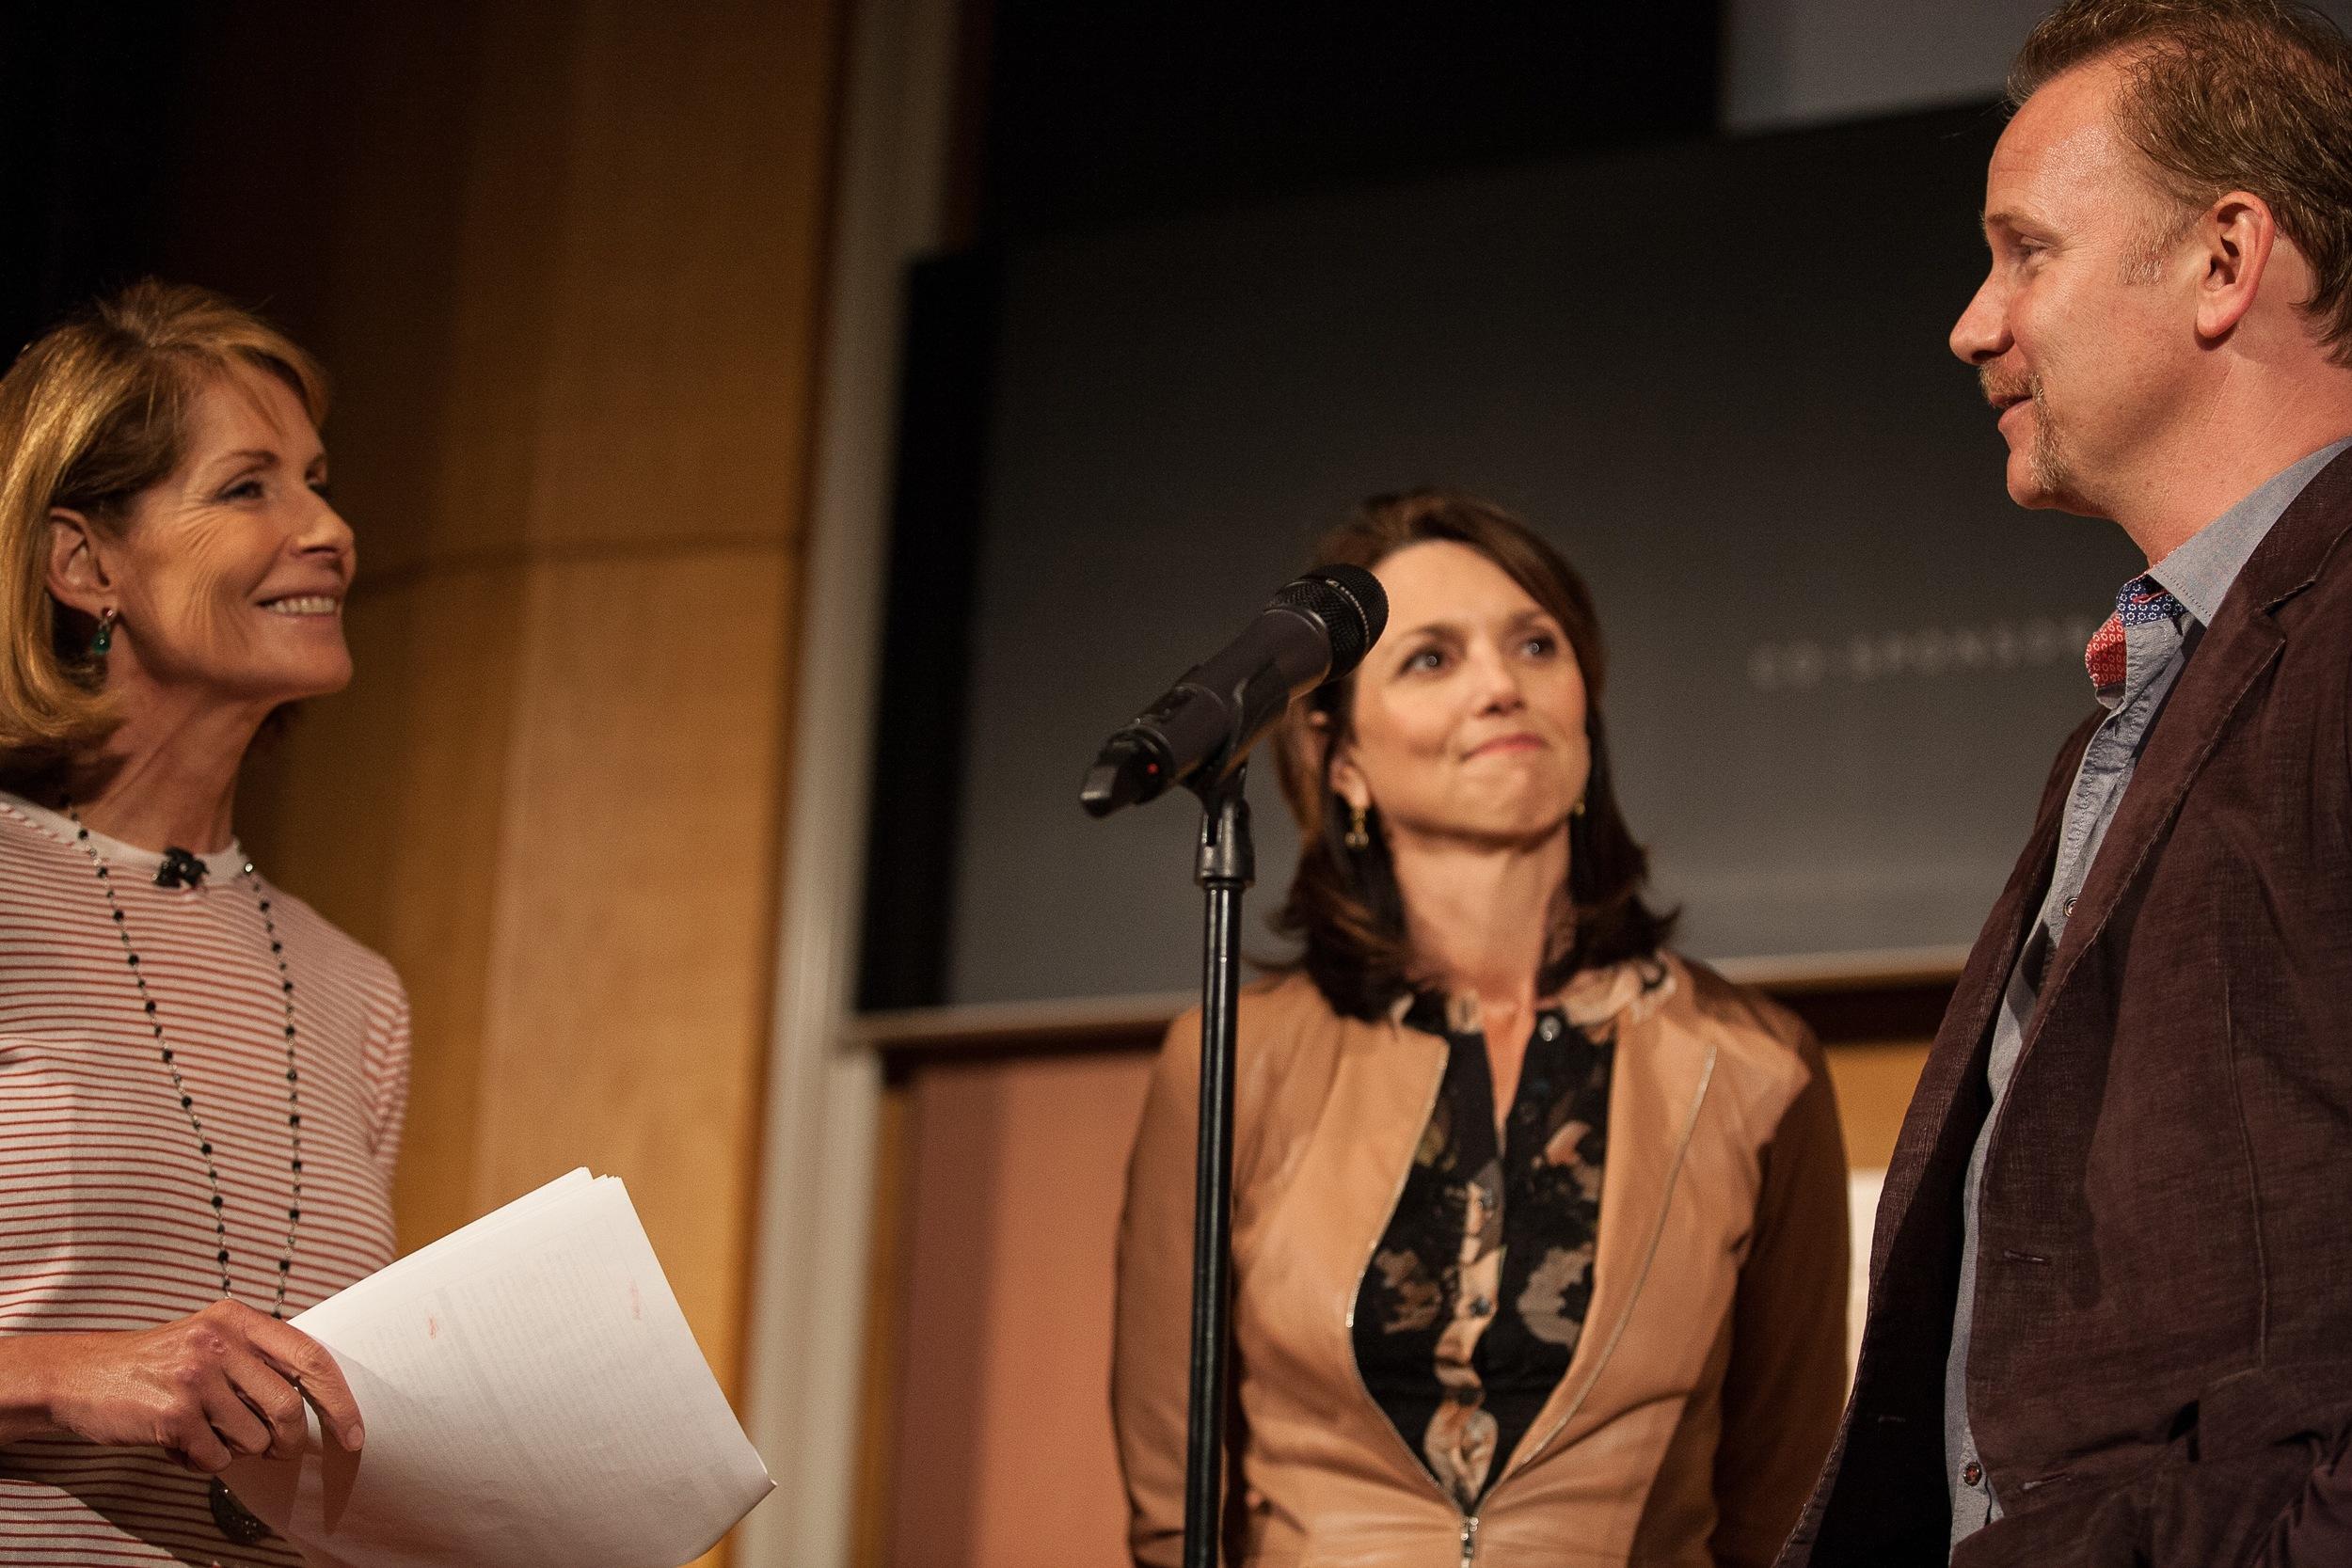 Tribeca Disruptive Innovation Awards 2013 - 086.jpg